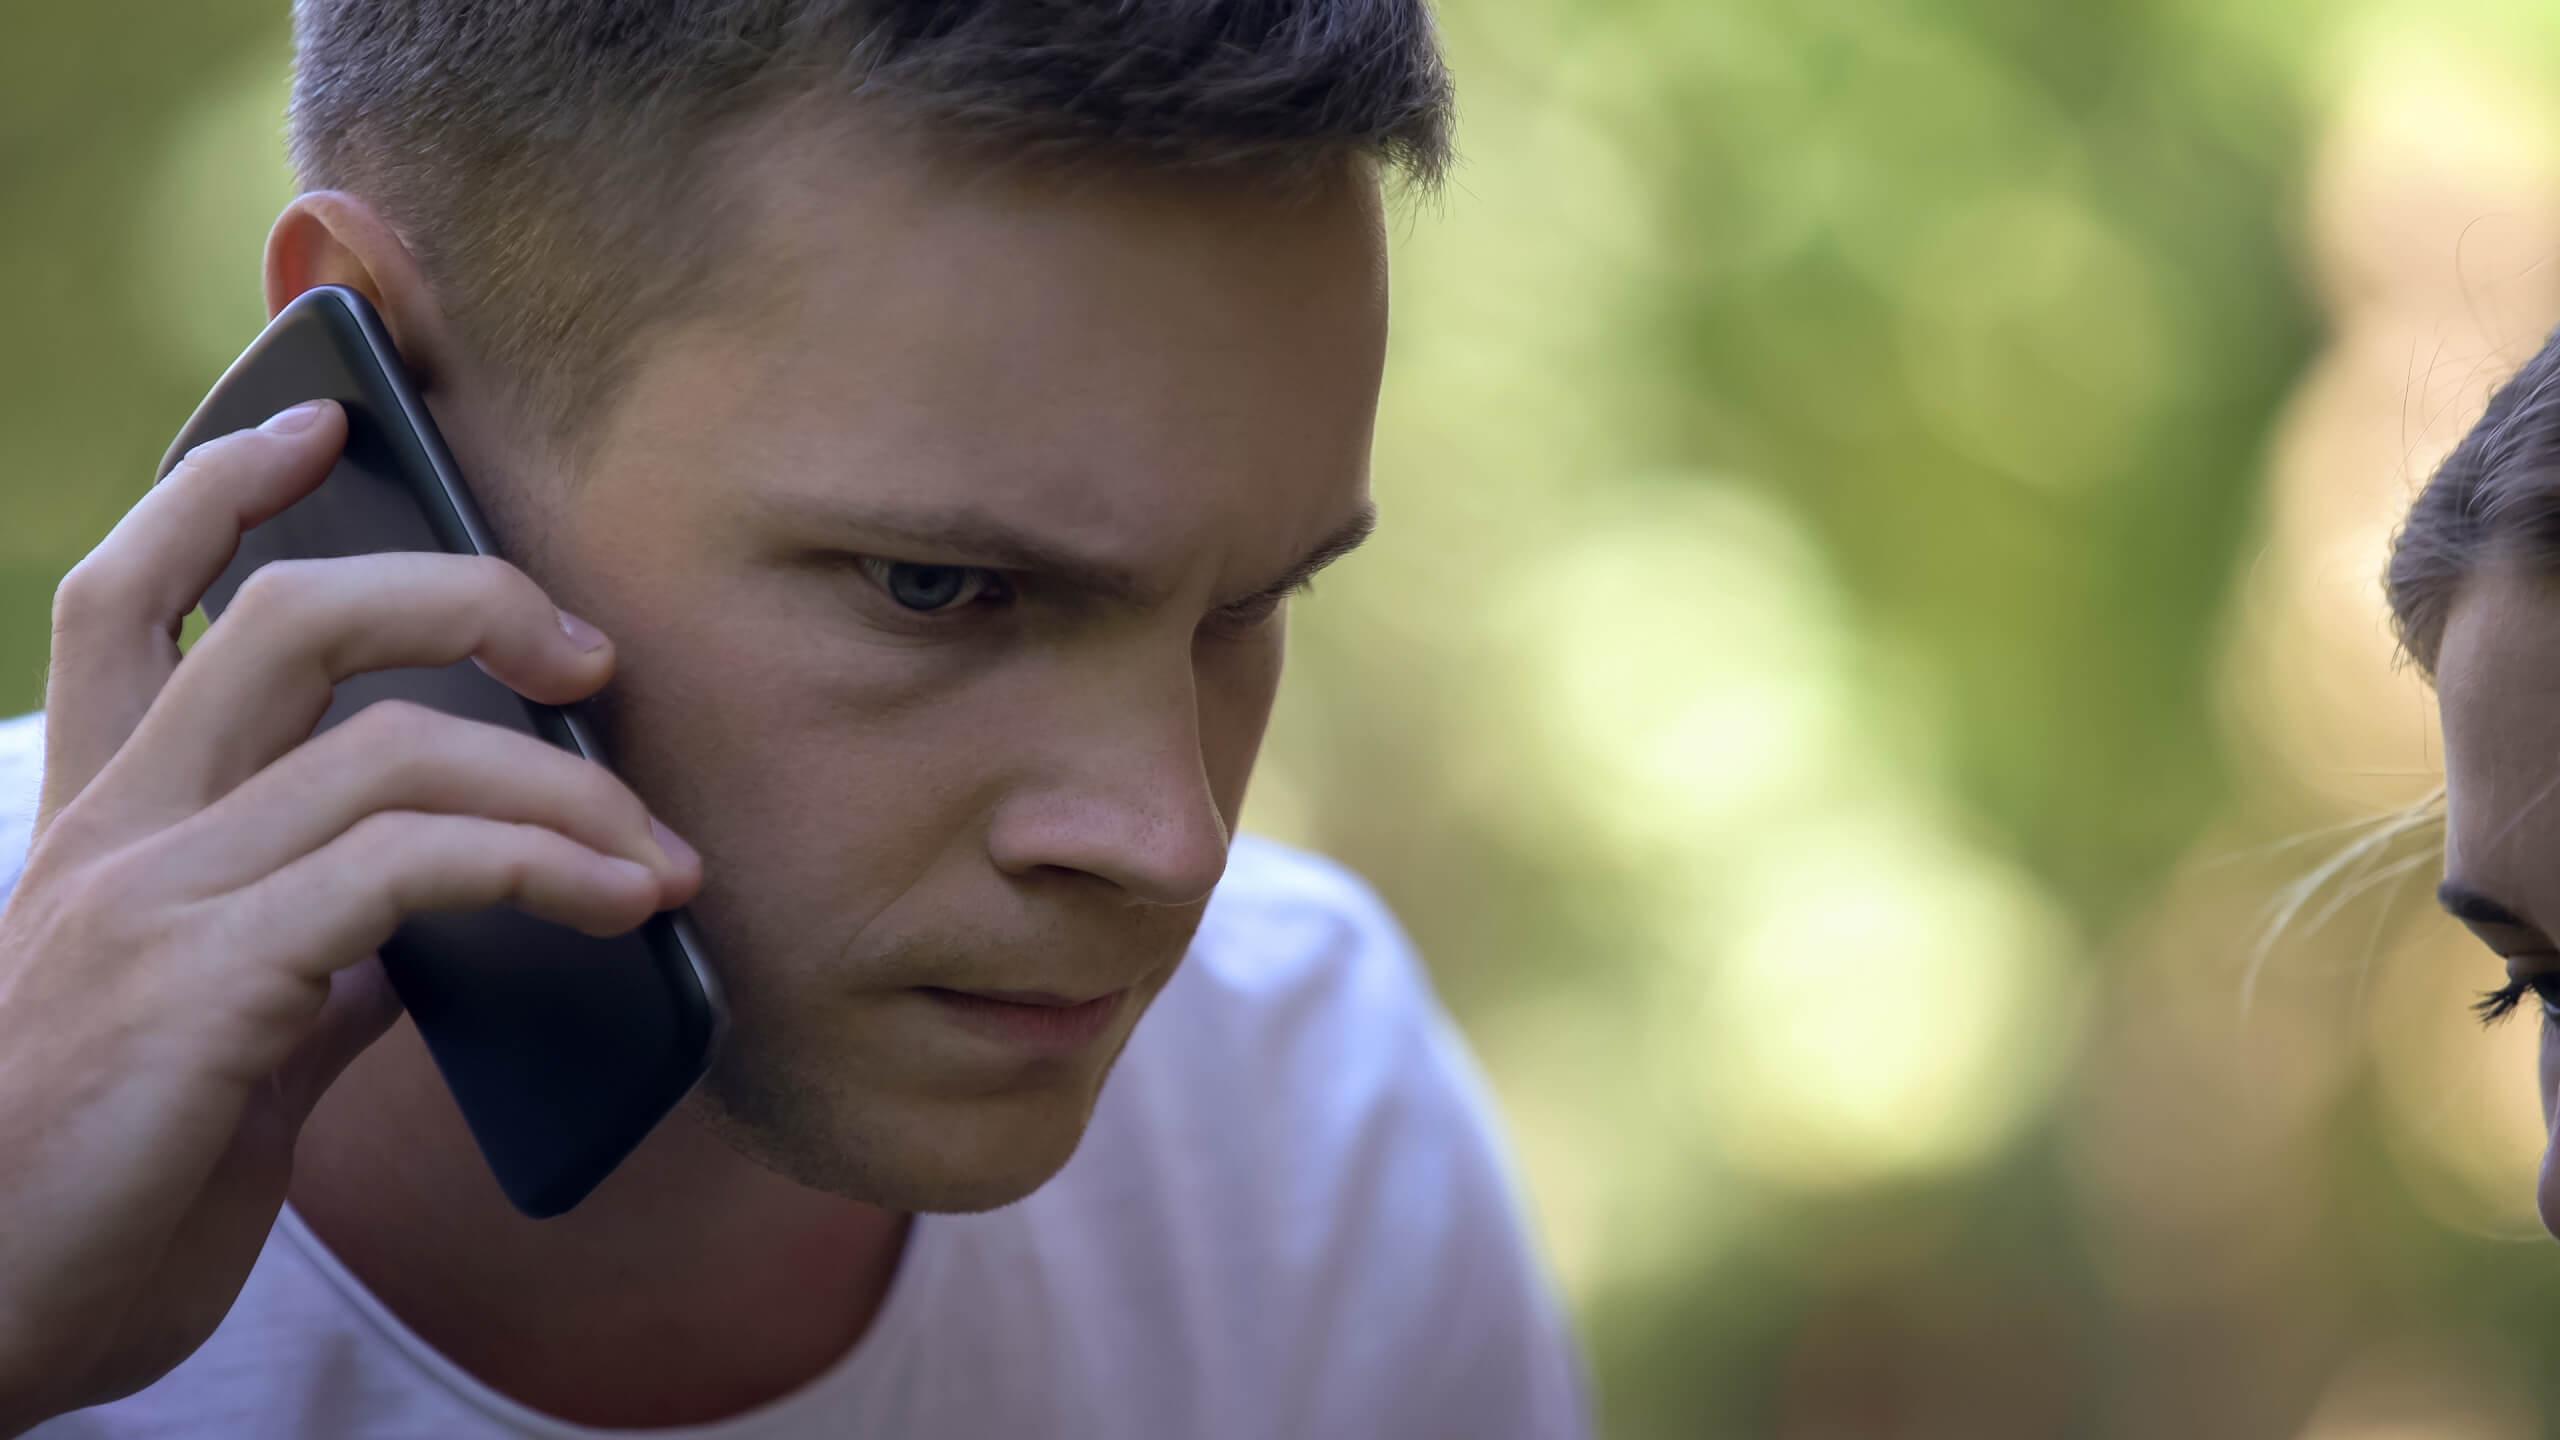 Détecter les appels d'urgence frauduleux: quand la linguistique se met au service des enquêteurs